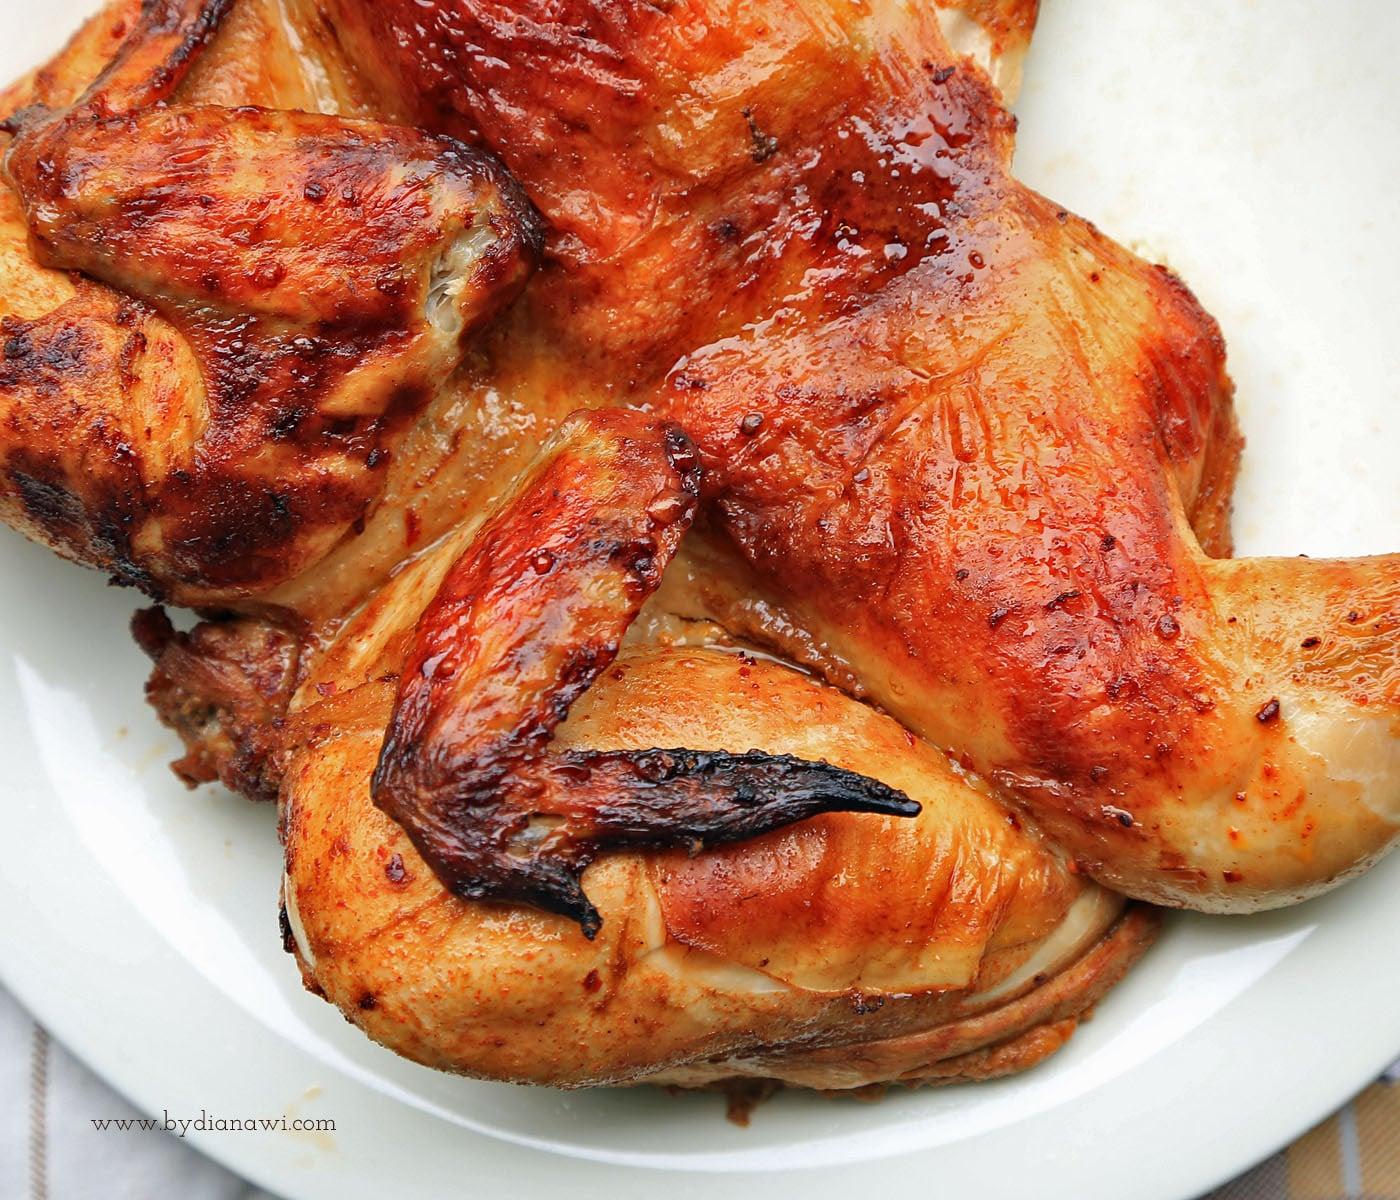 lage hel kylling